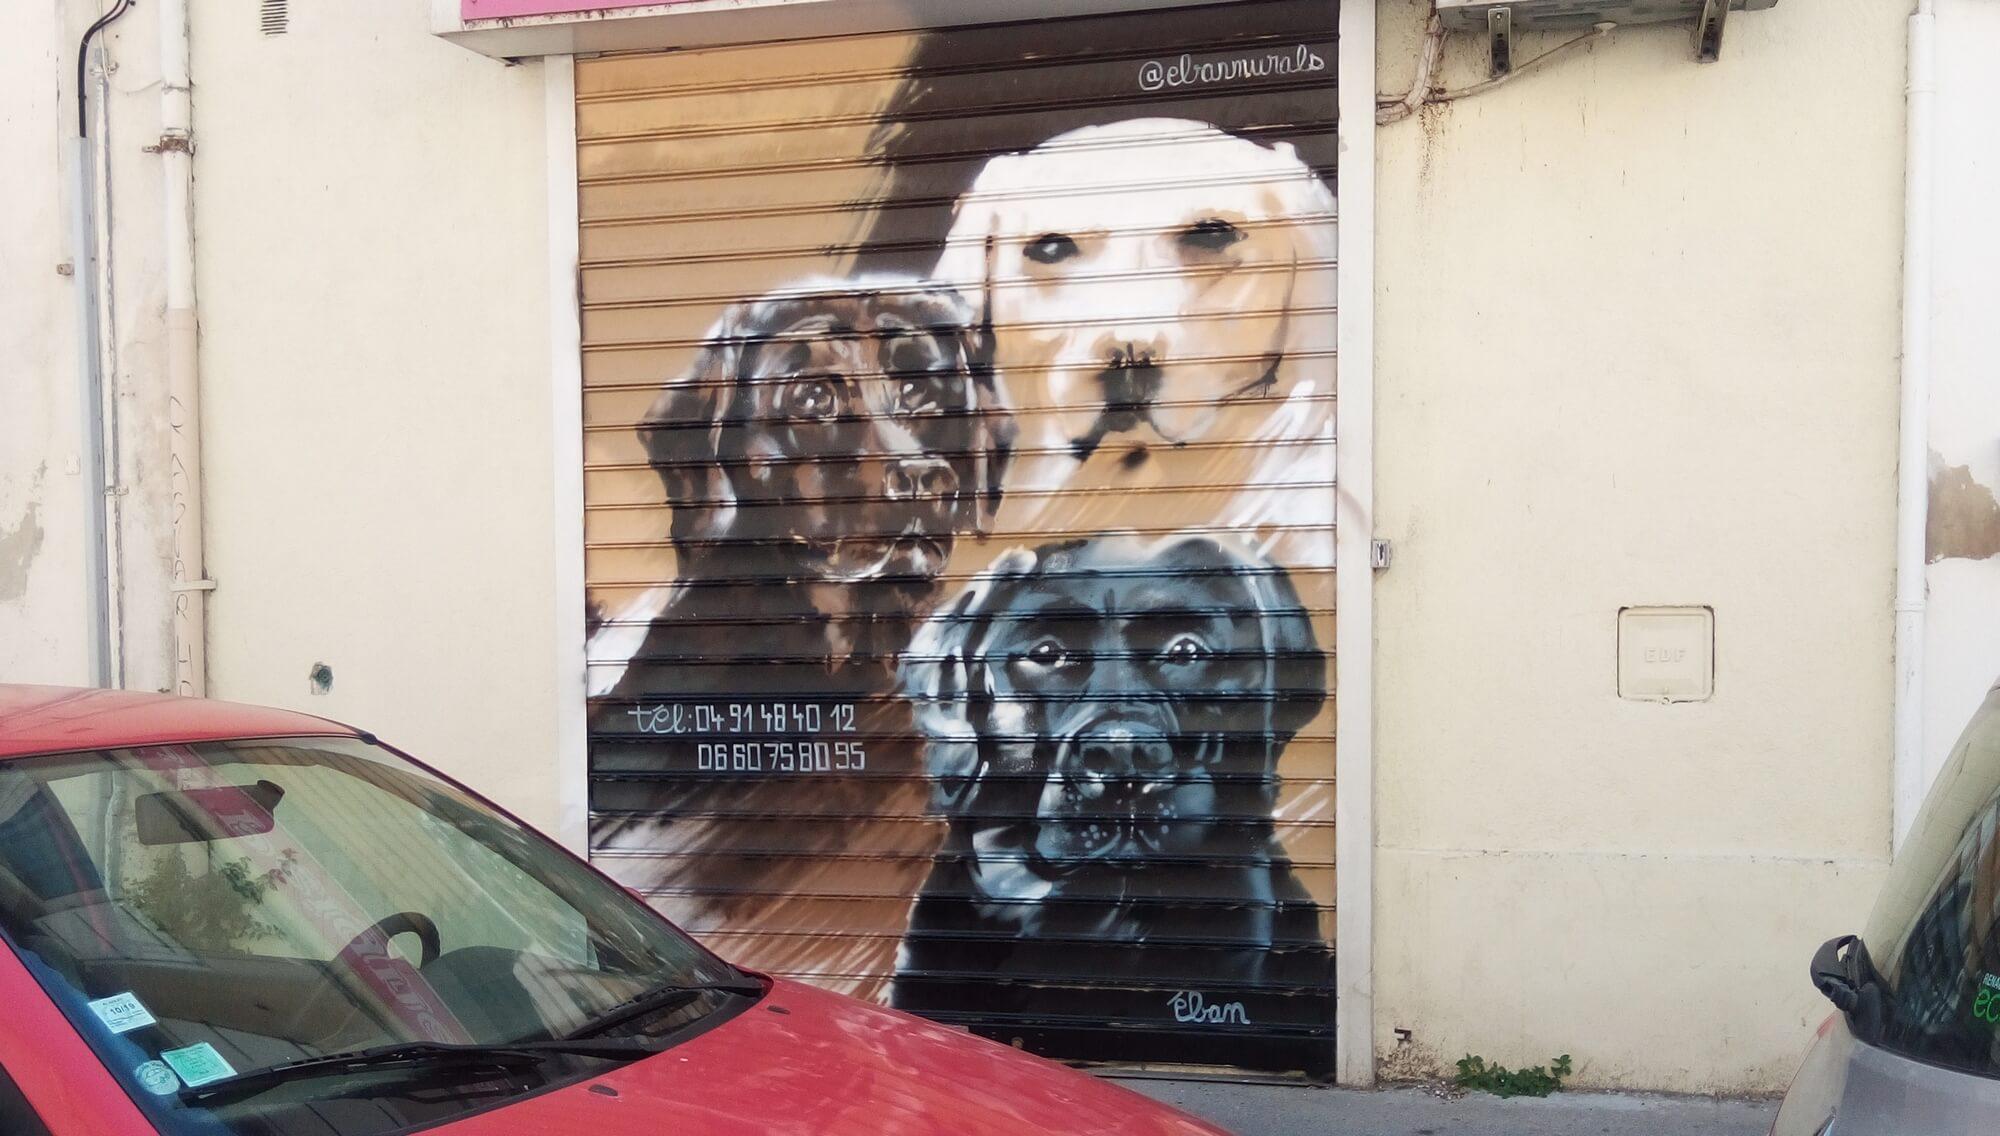 trois labrador, peinture sur rideau de fer de commerce, à Marseille